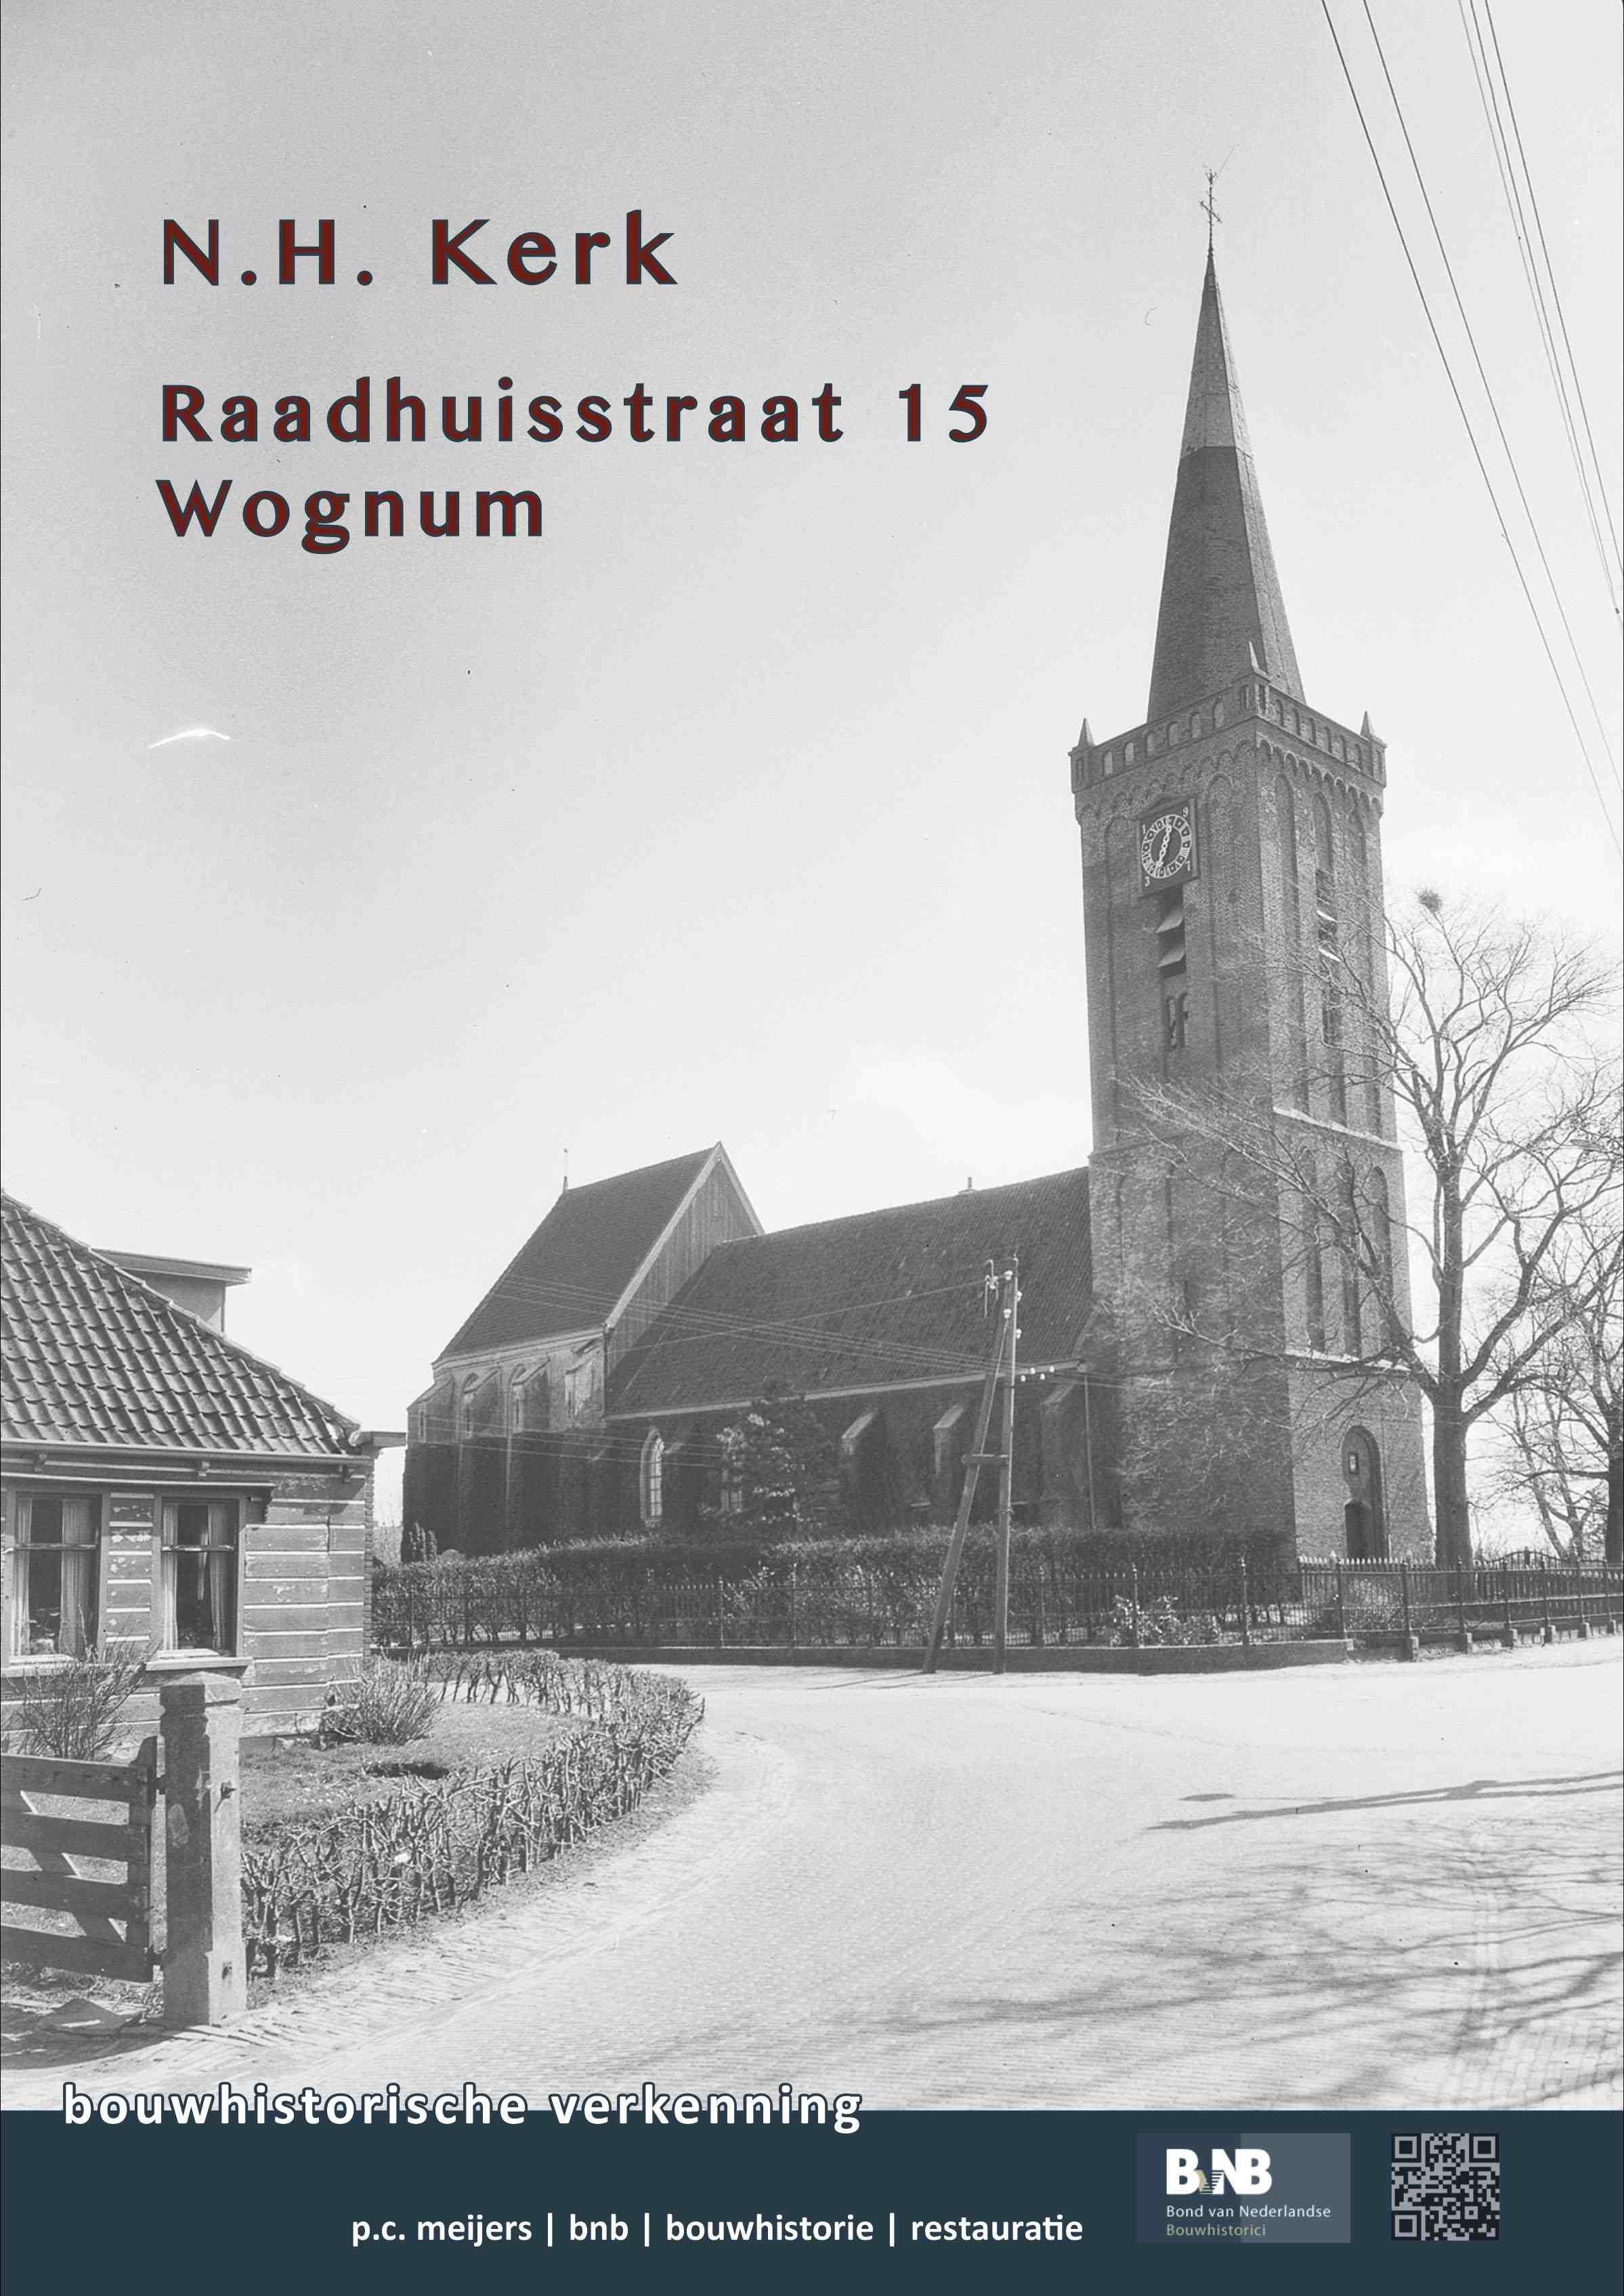 N.H. Kerk Raadhuisstraat 15,Wognum